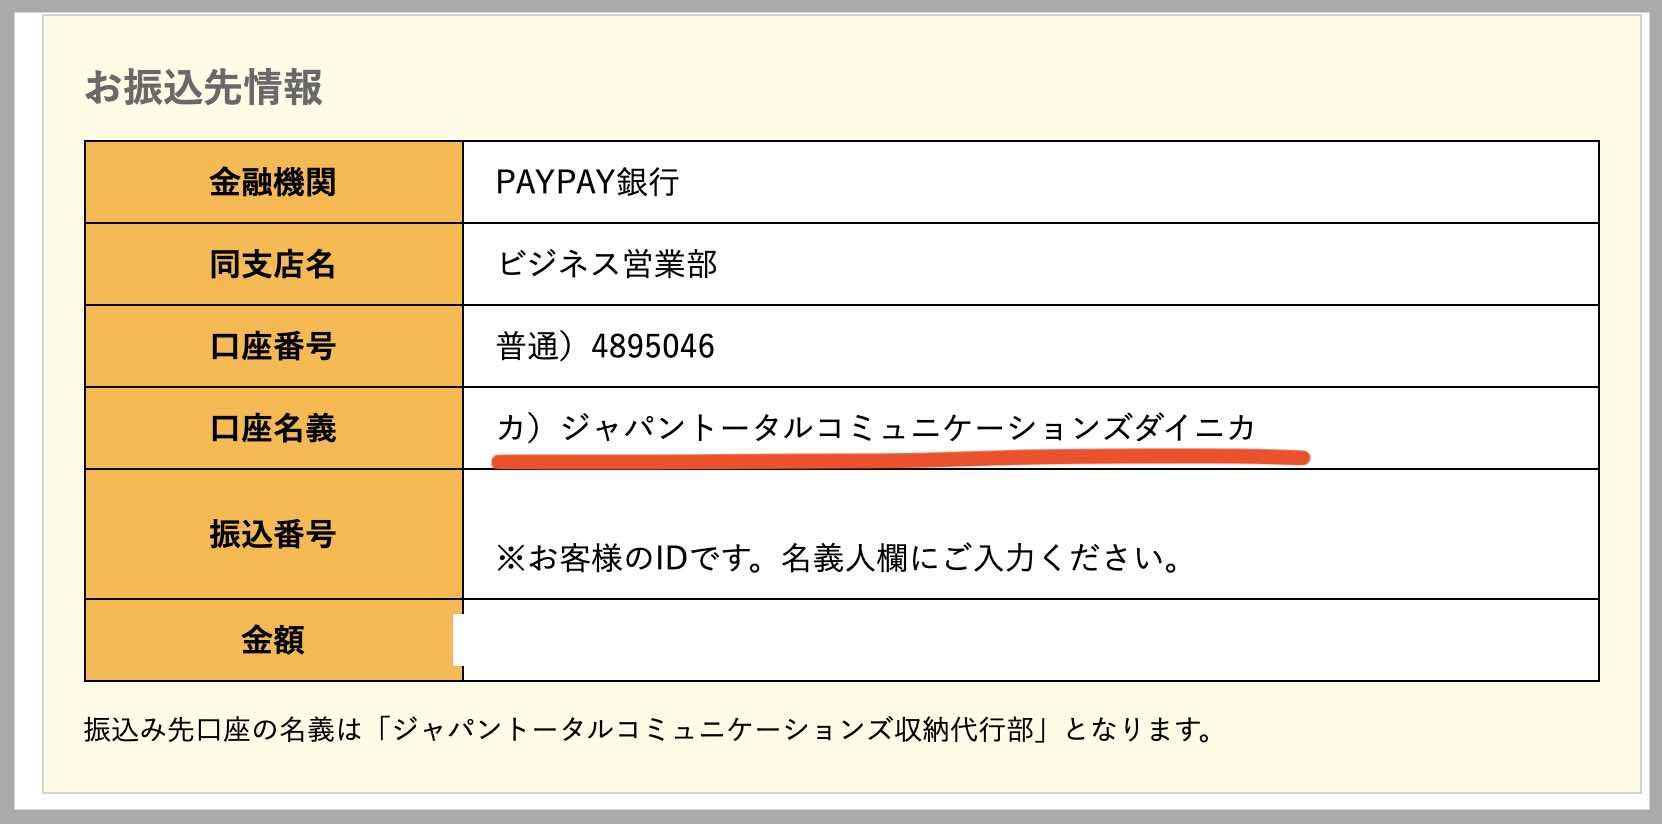 万舟JAPANのジャパントータルコミュニケーションズという収納代行